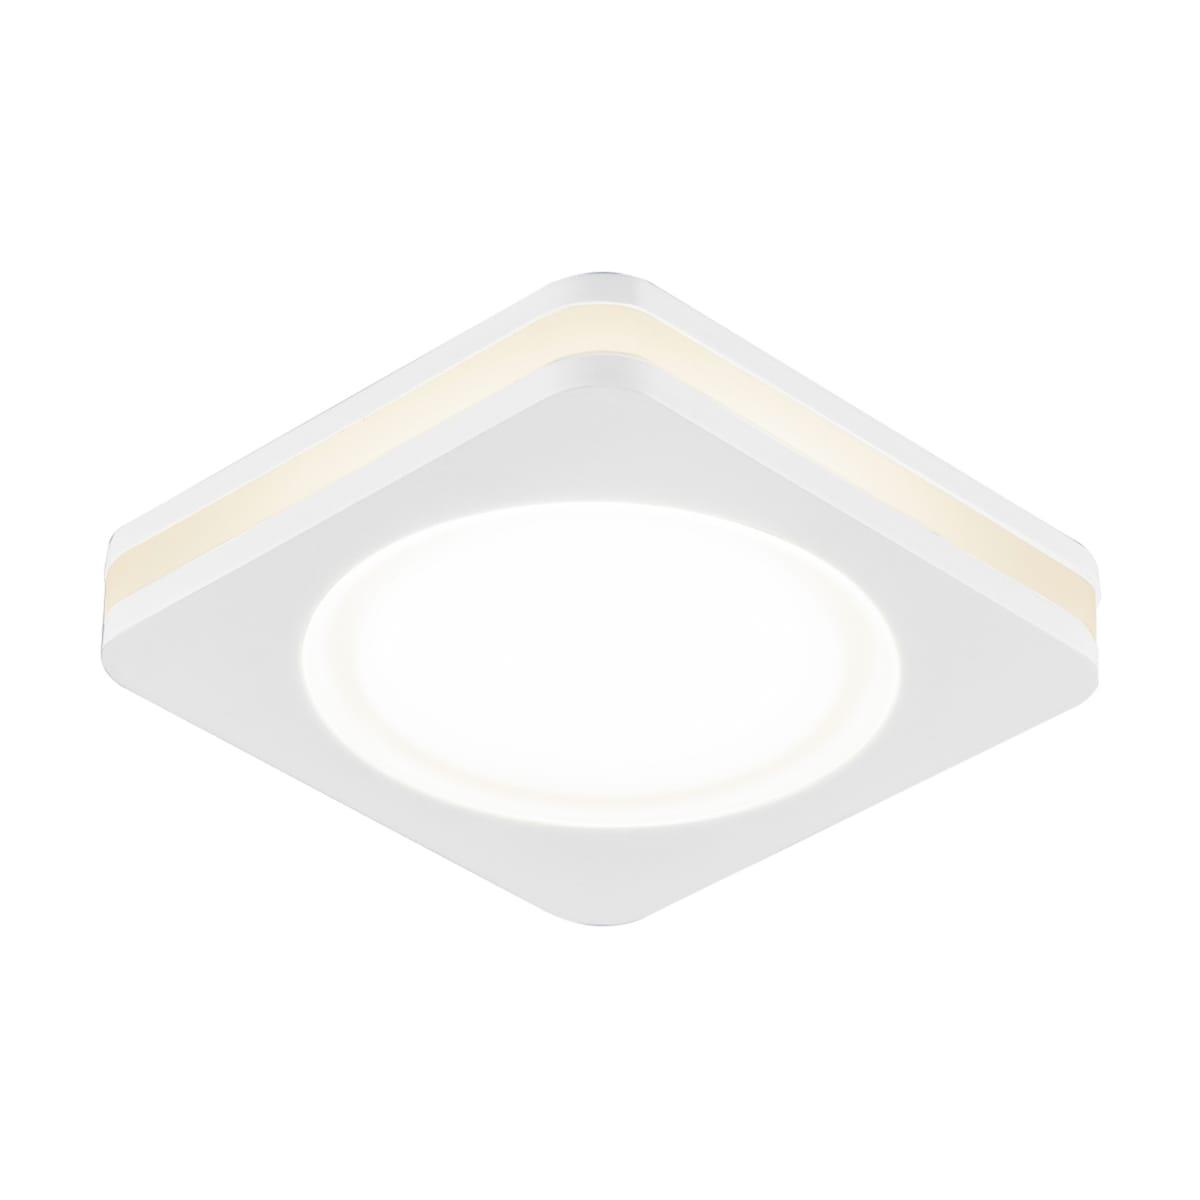 Спот встраиваемый светодиодный «Contorno», 1х5 Вт, 450 Лм, IP20, цвет белый